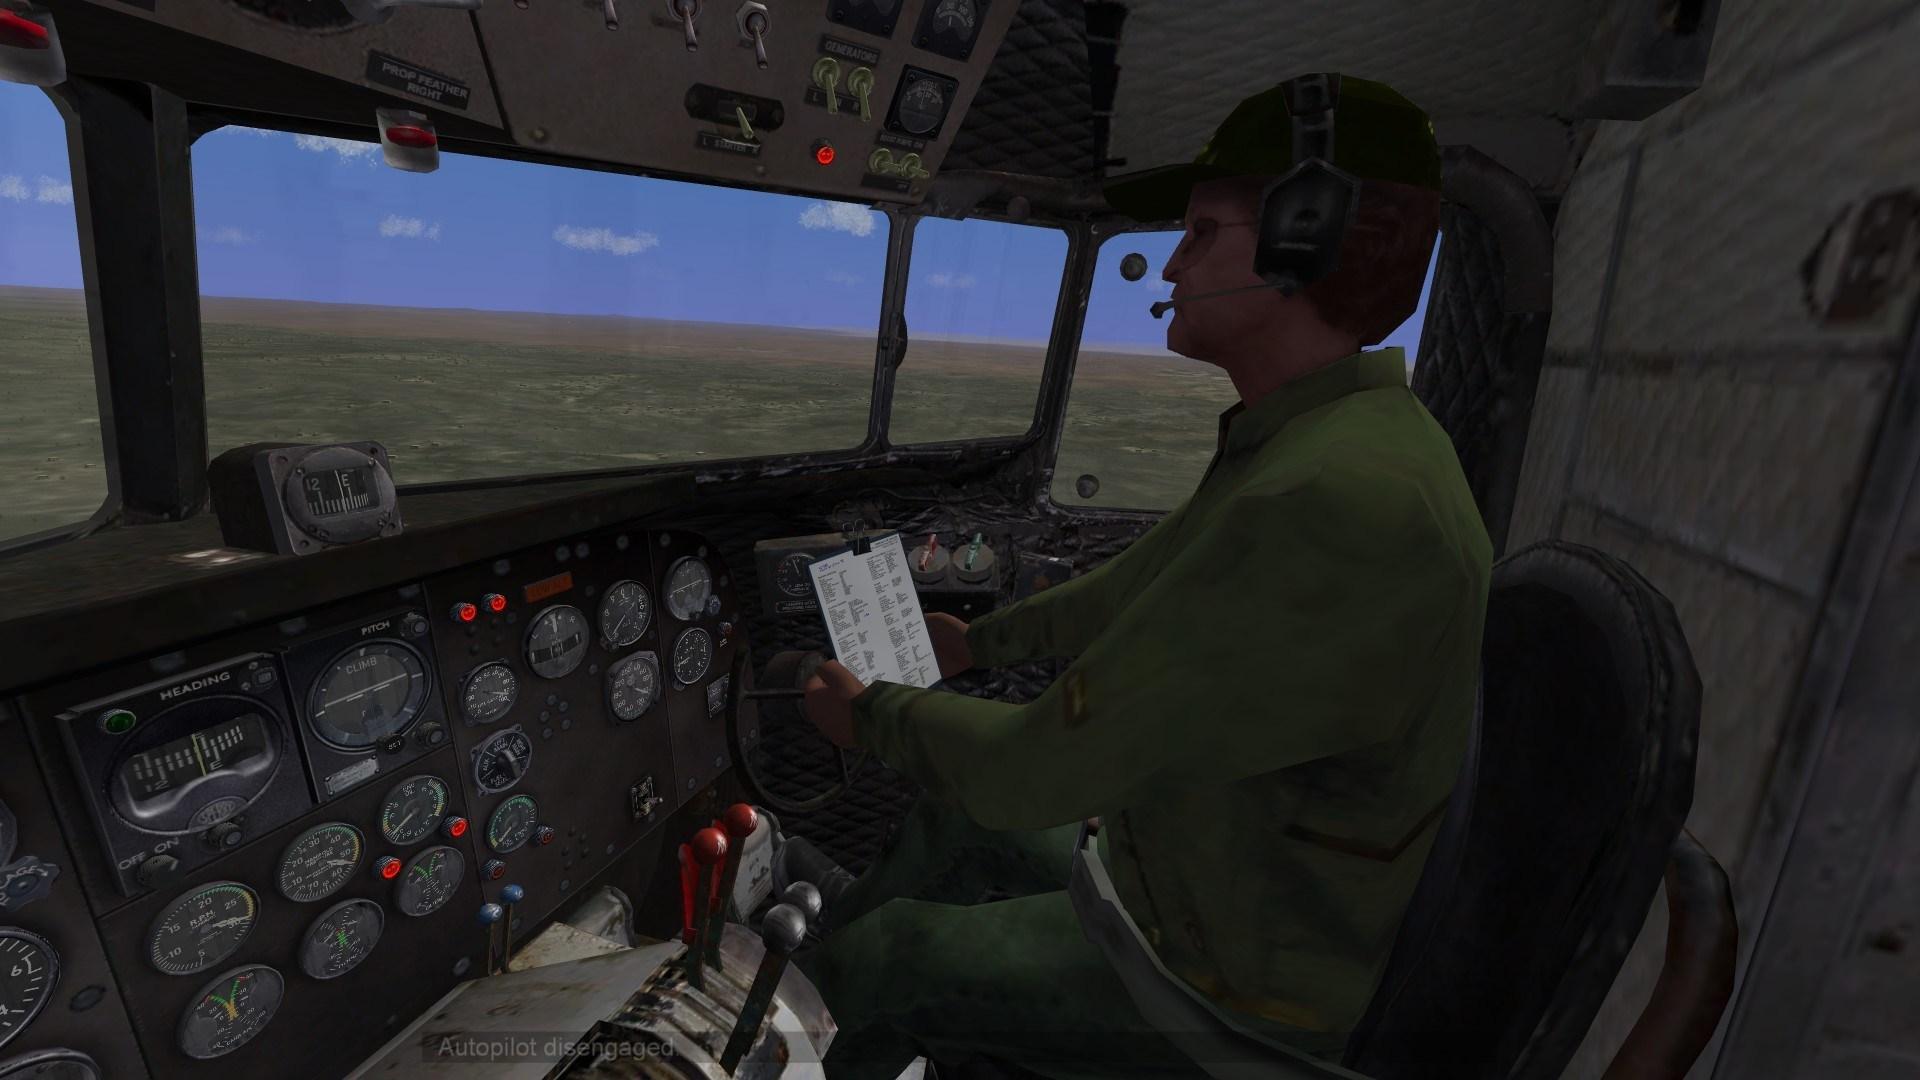 DC-3 Cockpits.7z